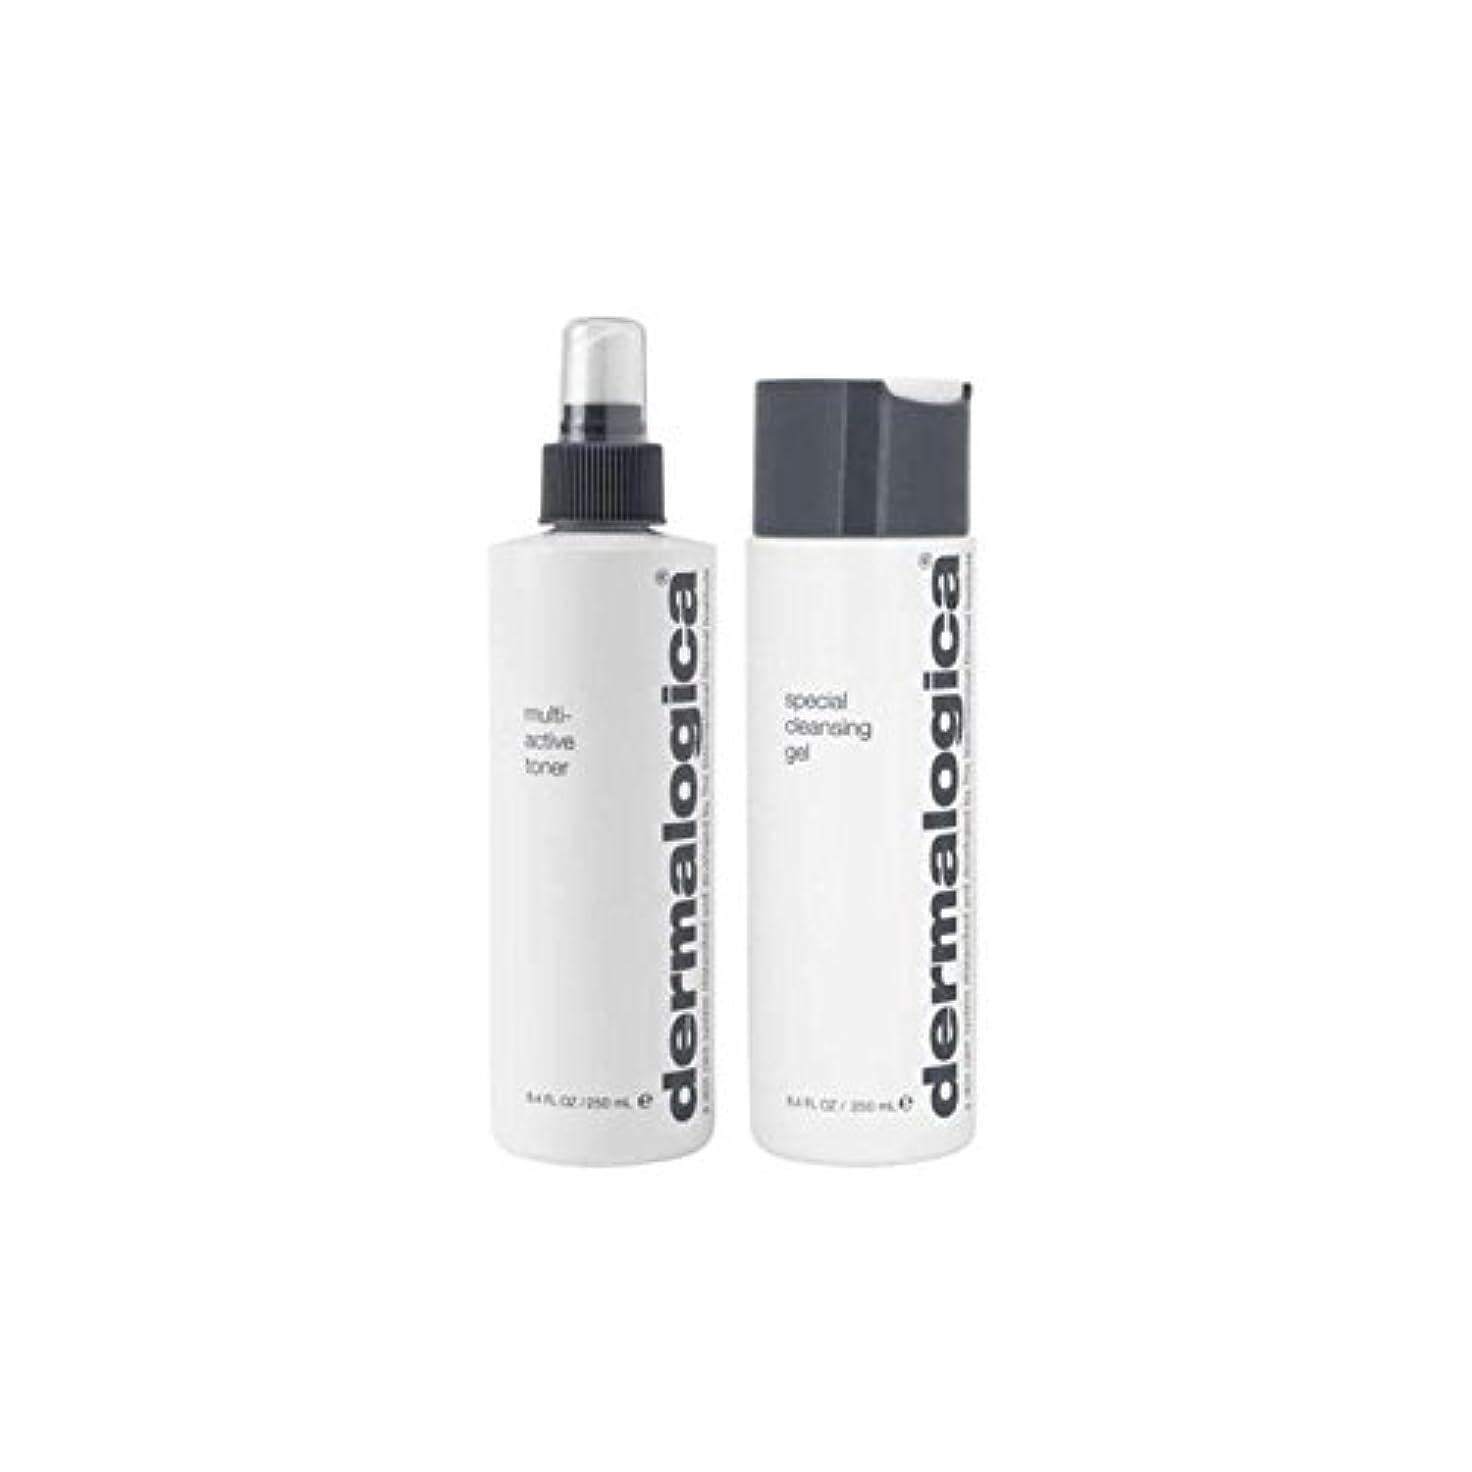 放棄初心者スタジオDermalogica Cleanse & Tone Duo - Normal/Dry Skin (2 Products) (Pack of 6) - ダーマロジカクレンジング&トーンデュオ - ノーマル/ドライスキン(...